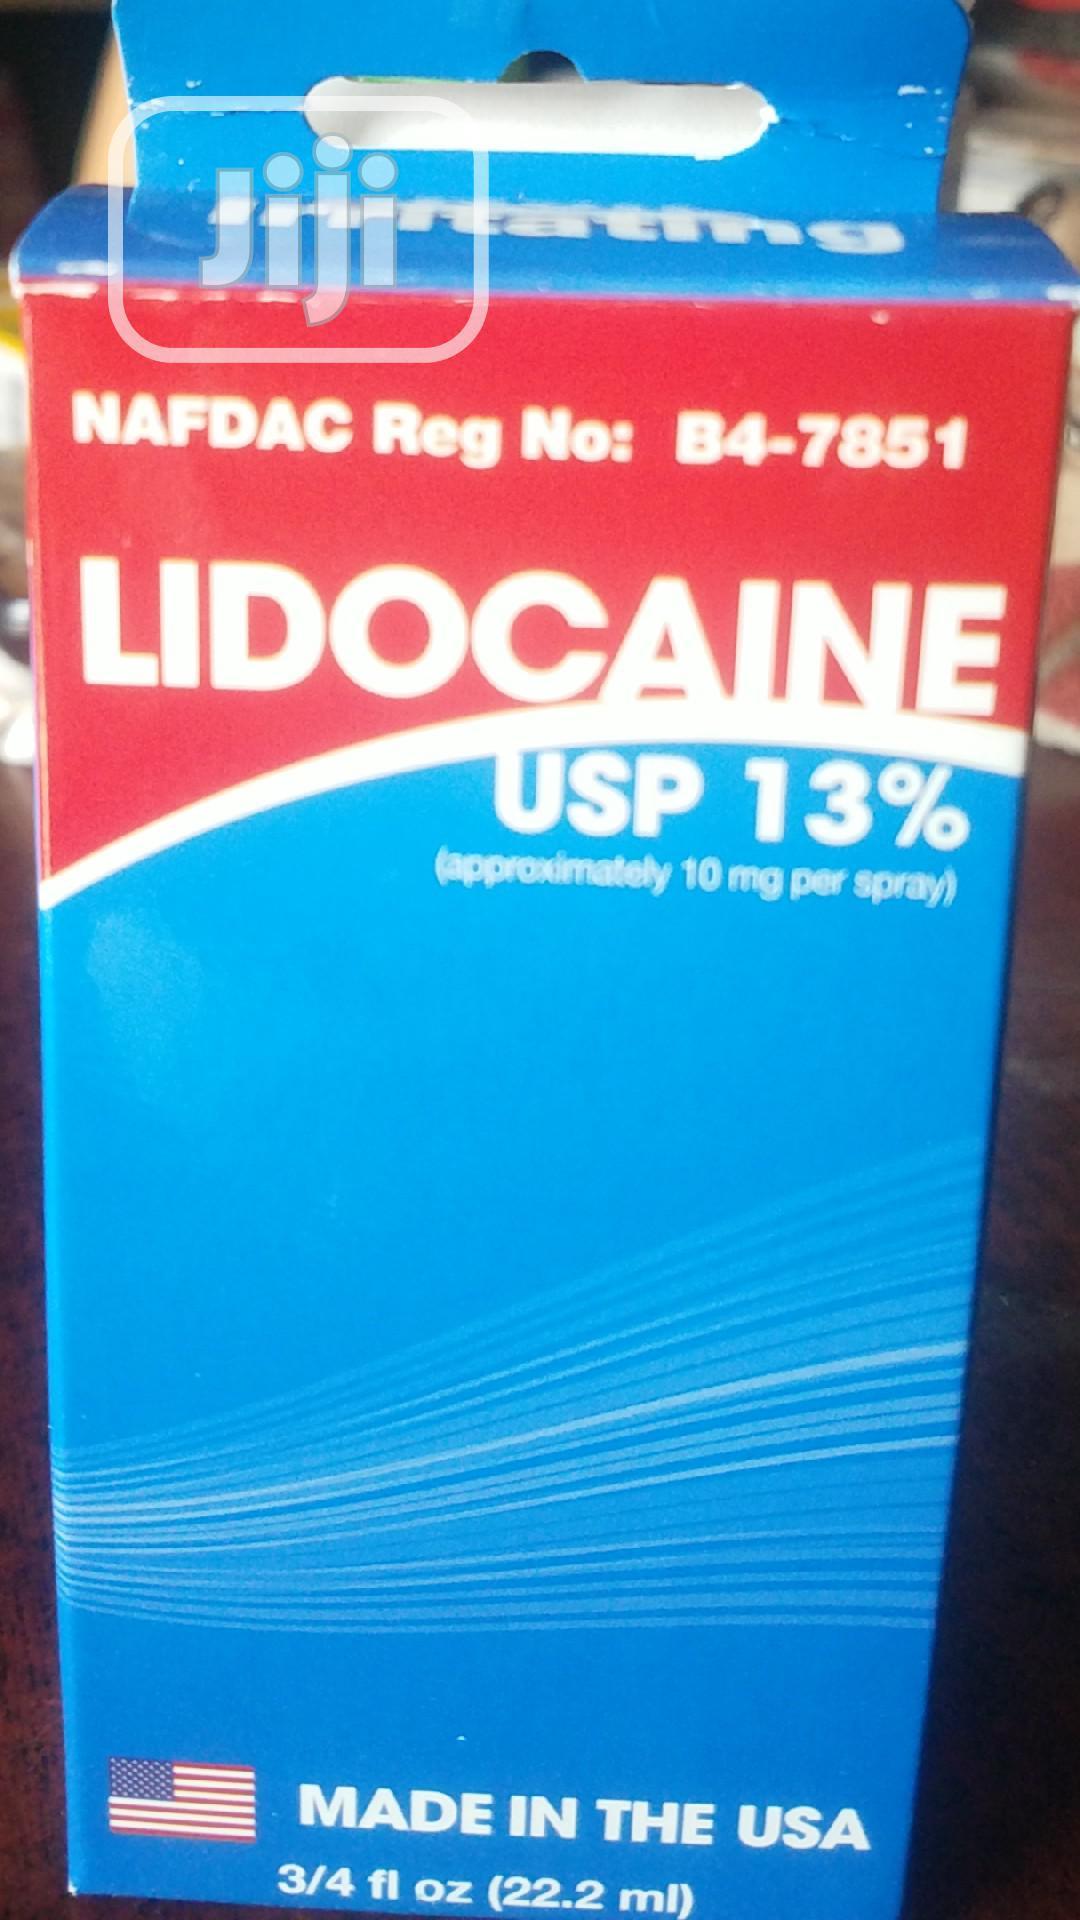 Lidocaine Quick Ejaculation Delay Spray